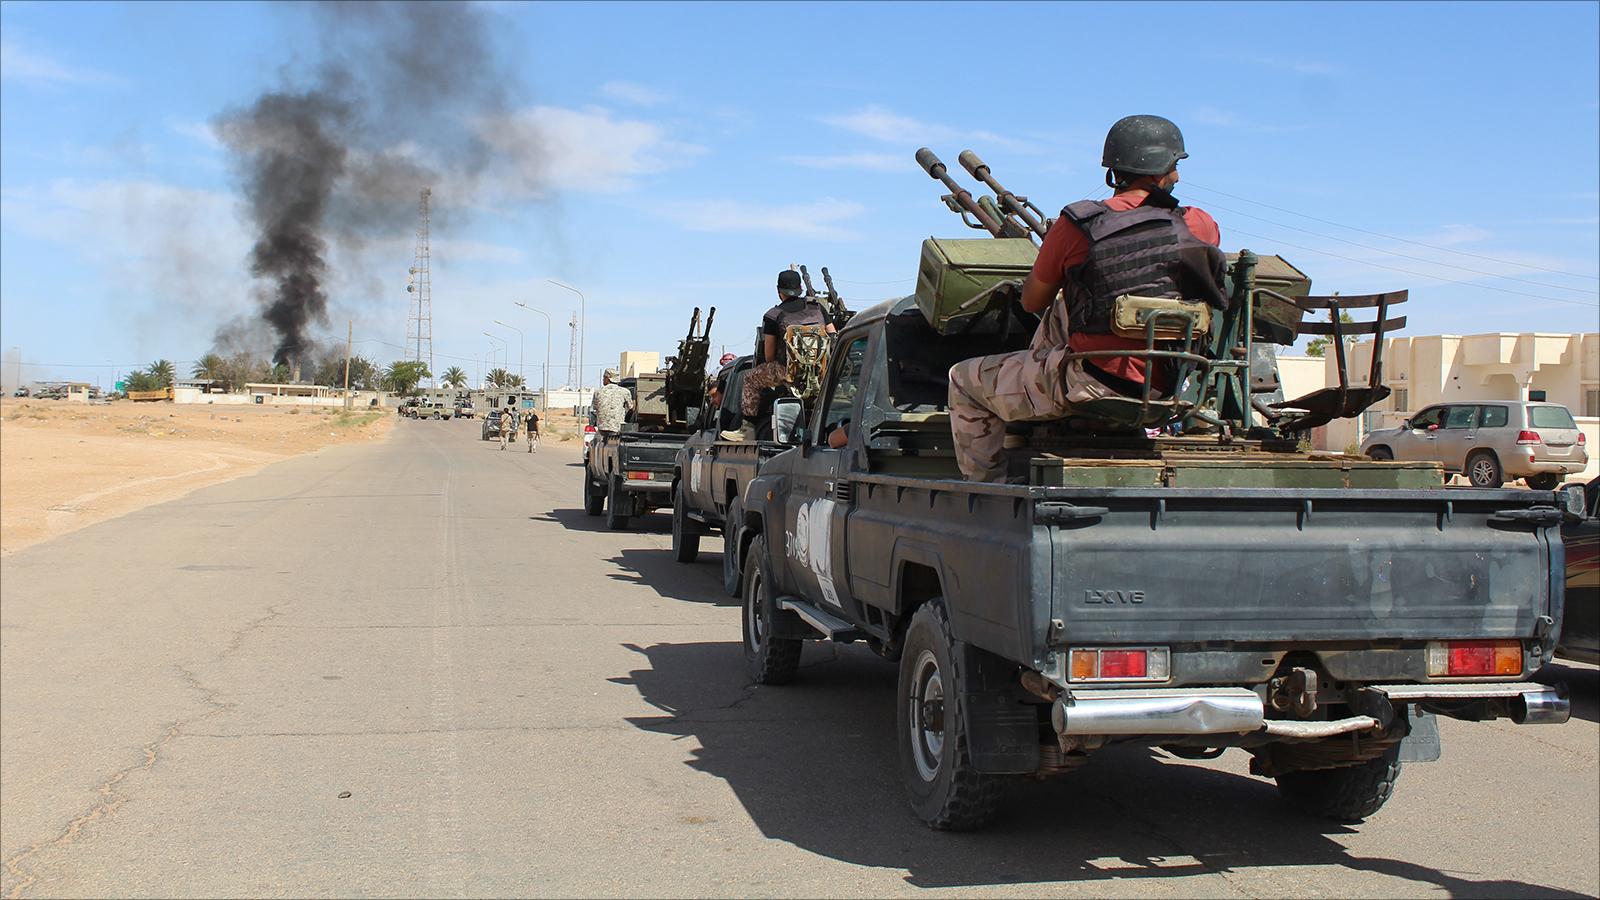 السودان يتسلم رضيعة قُتل والداها الداعشيان في ليبيا